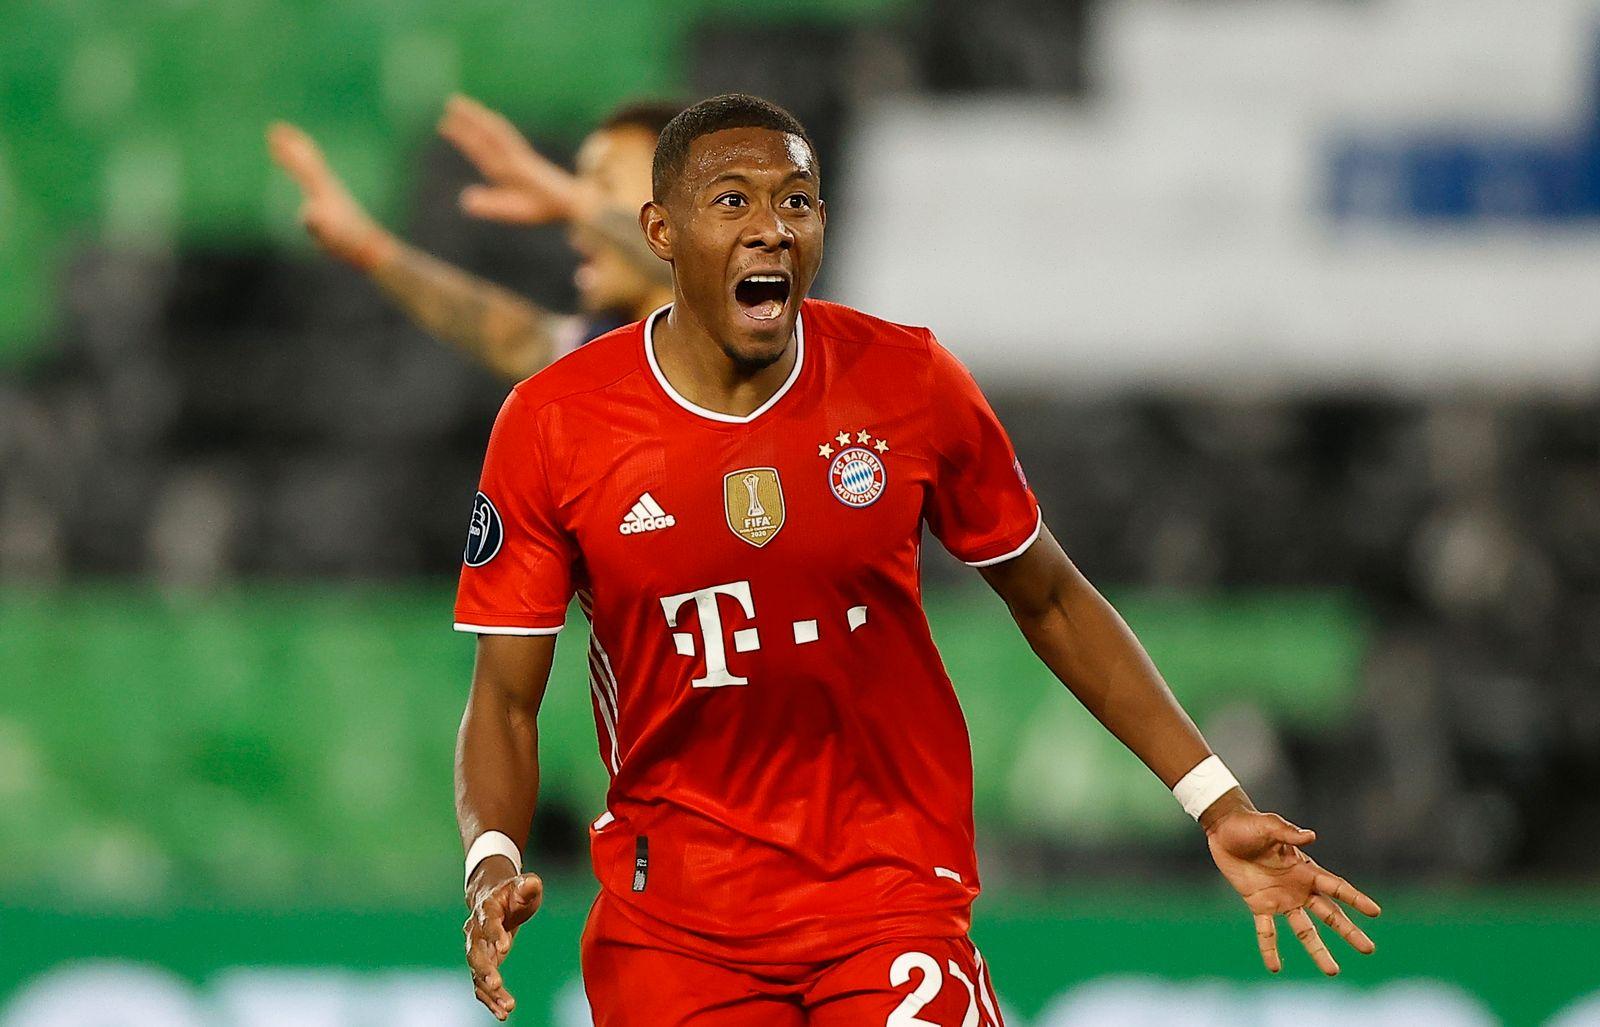 PSG vs FC Bayern Munich